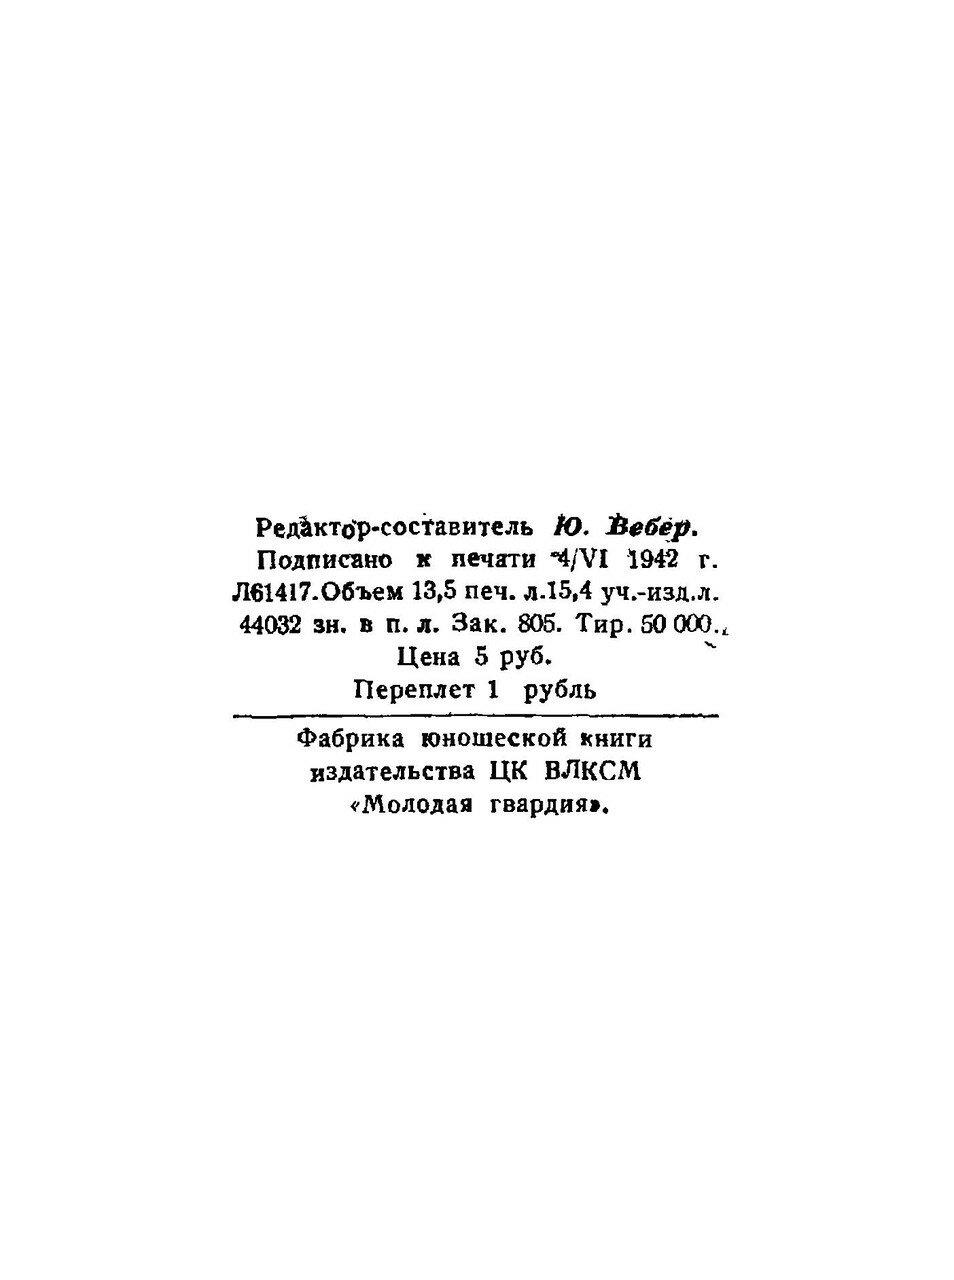 Спутник партизана 1942 год скачать pdf